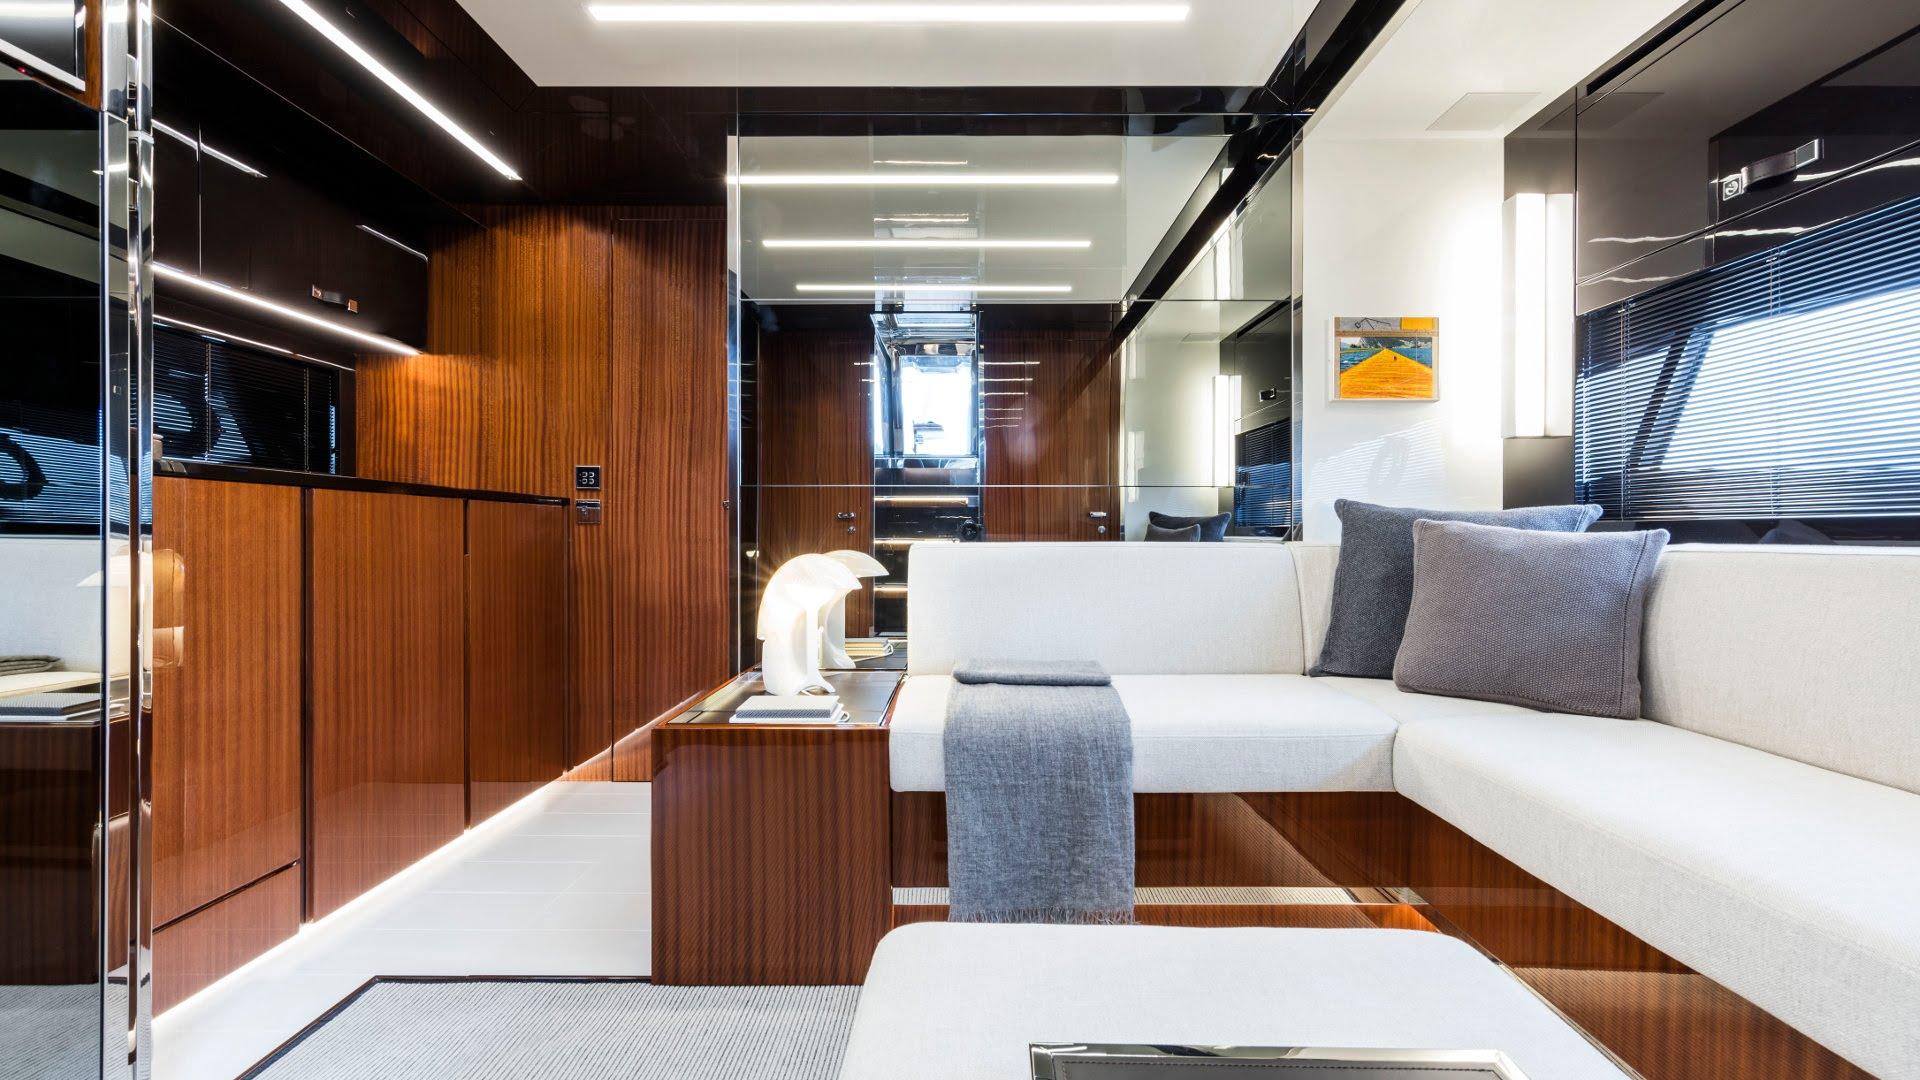 Riva-56-Rivale-interiores (3)